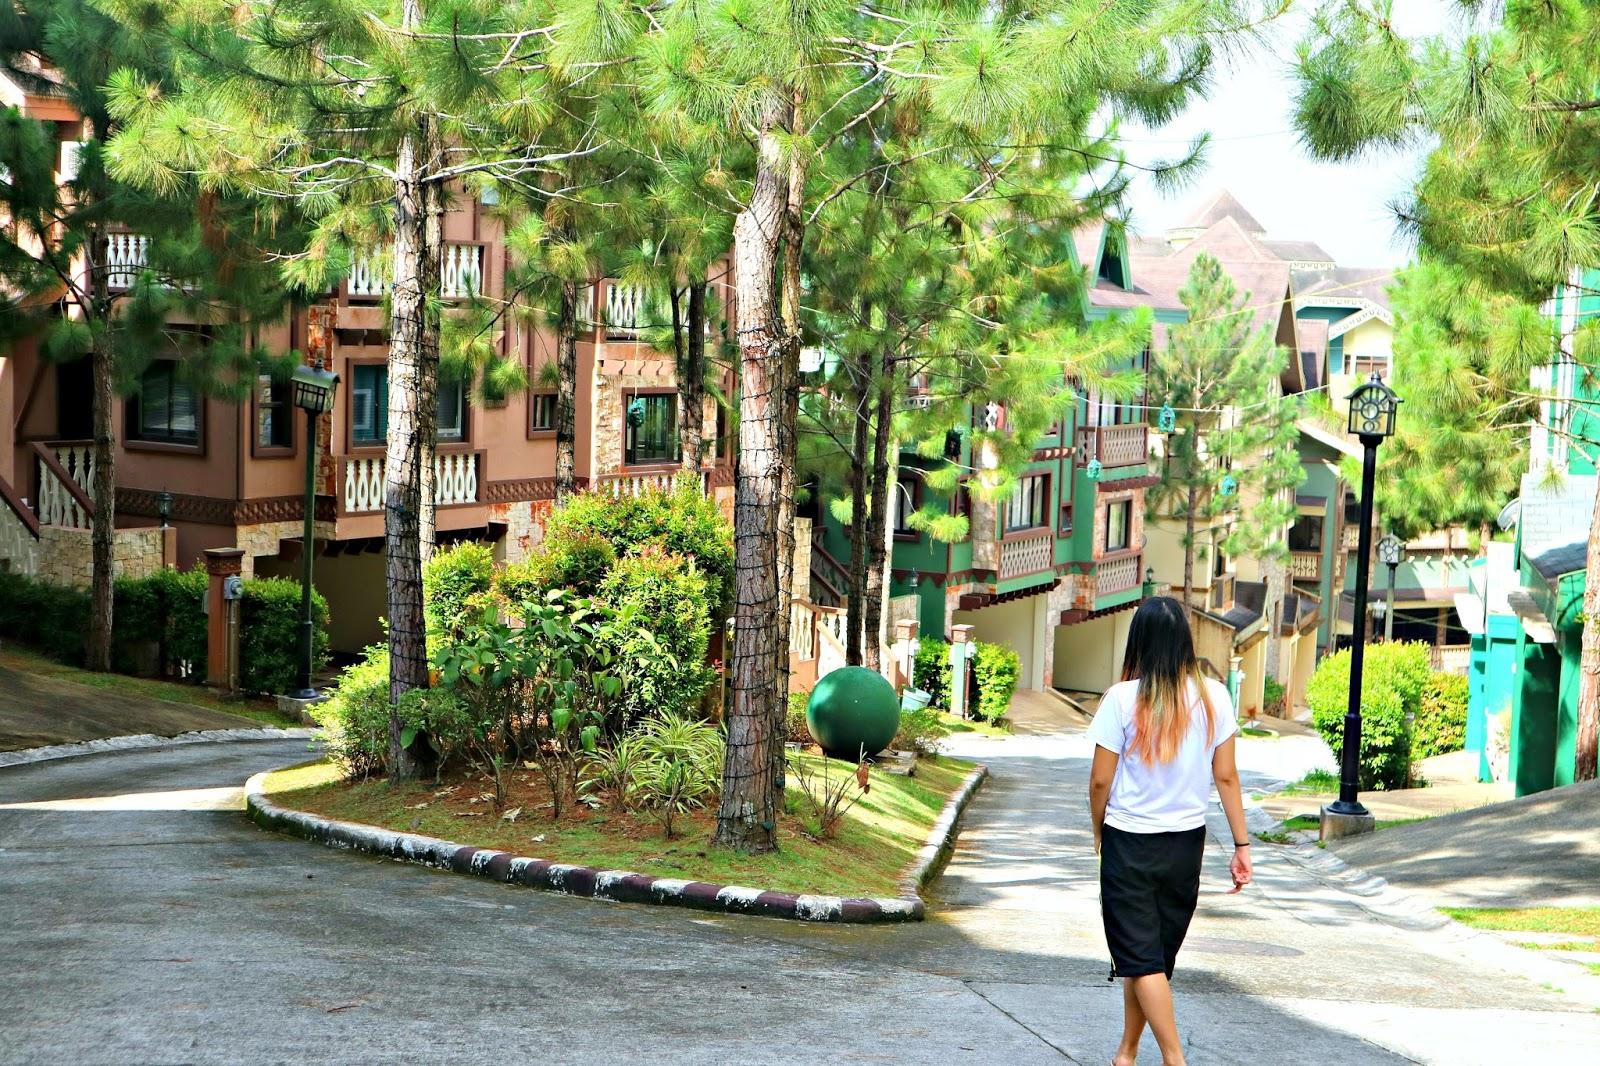 Crosswinds Swiss Luxury Resort neighborhood